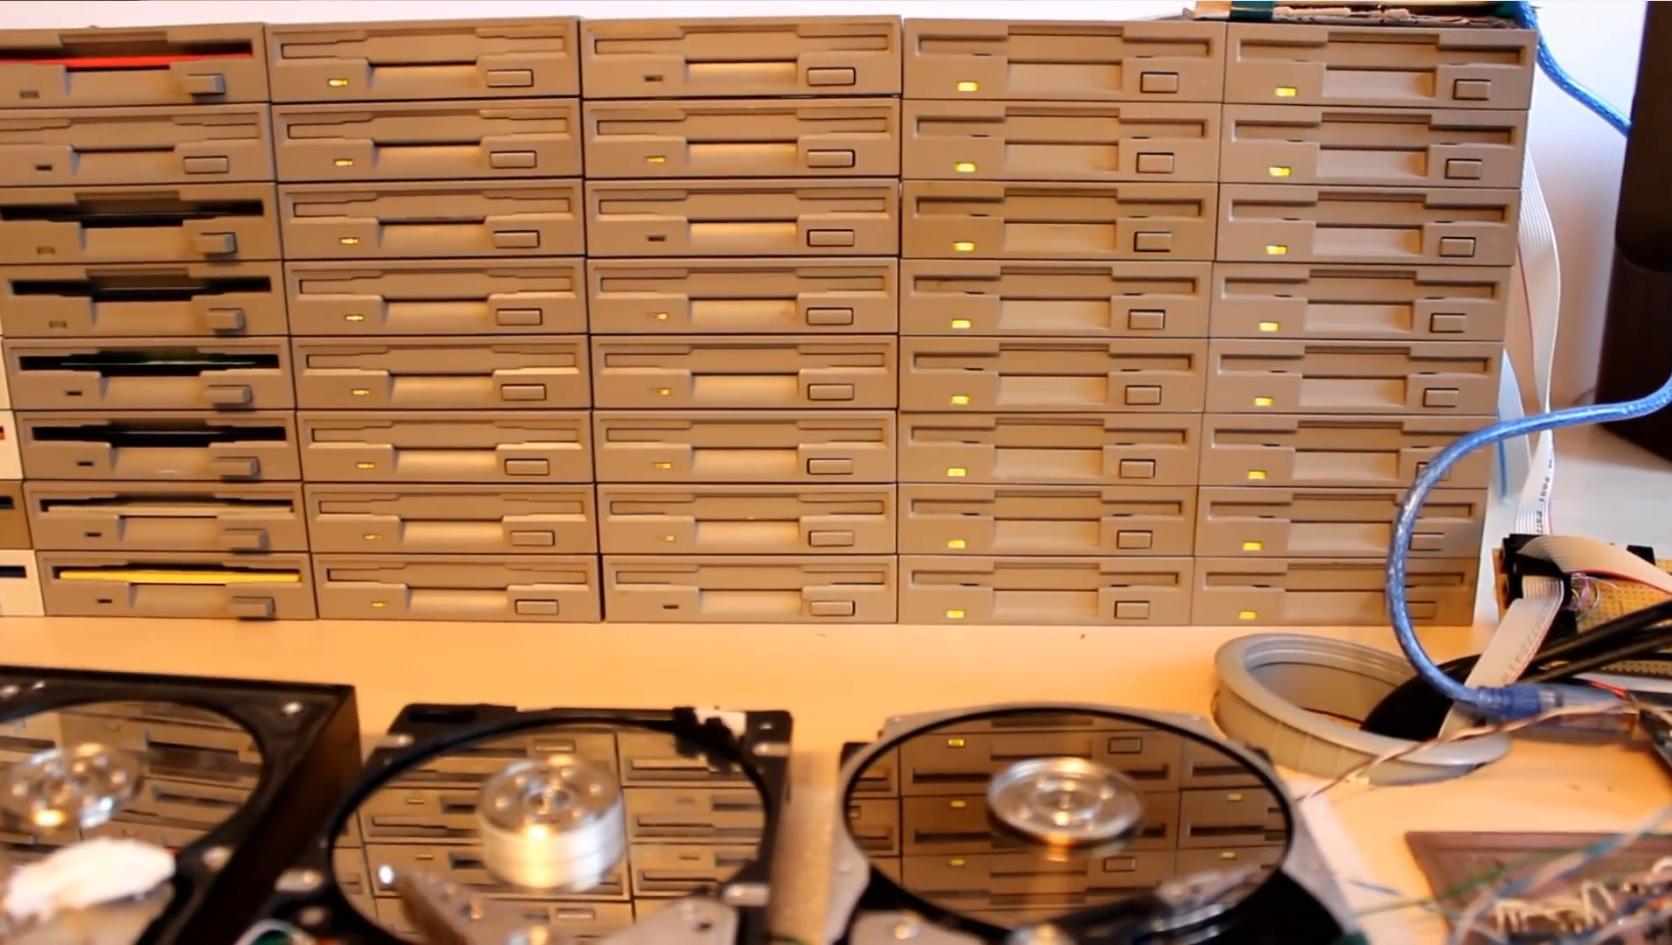 Floppy-Konzert: Imperial March mit Diskettenlaufwerken